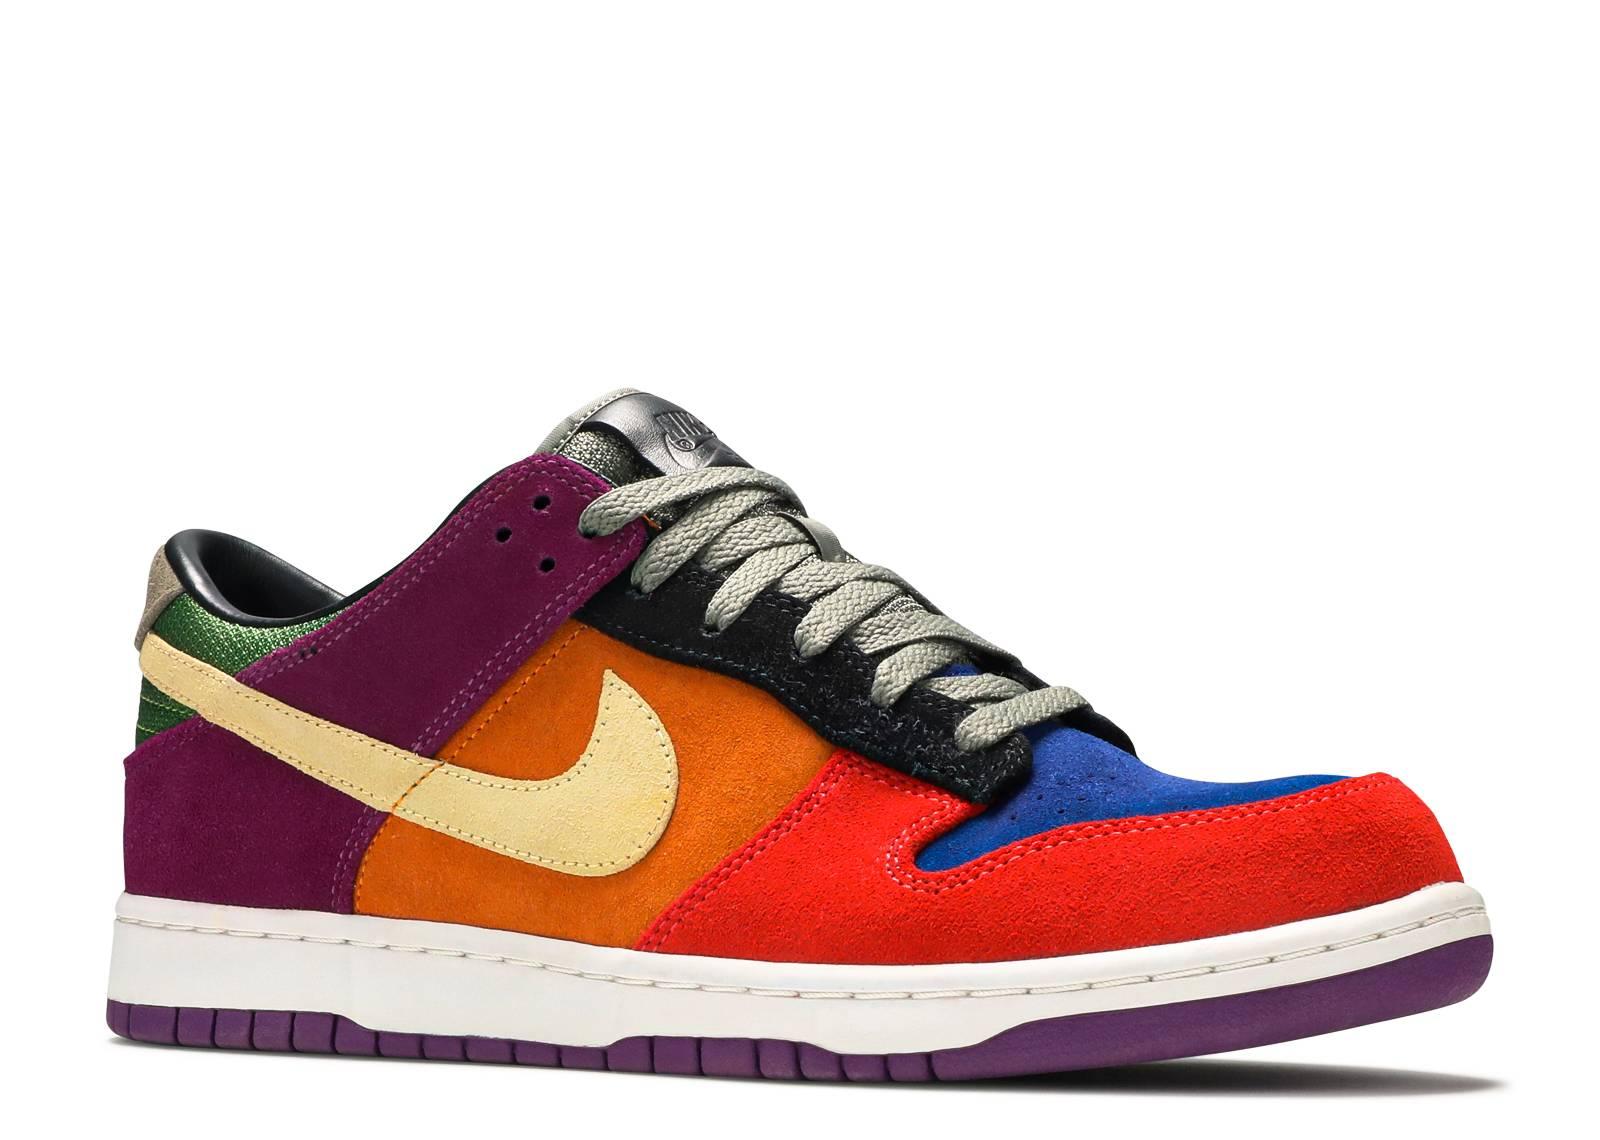 Nike Dunk Low 'Viotech'